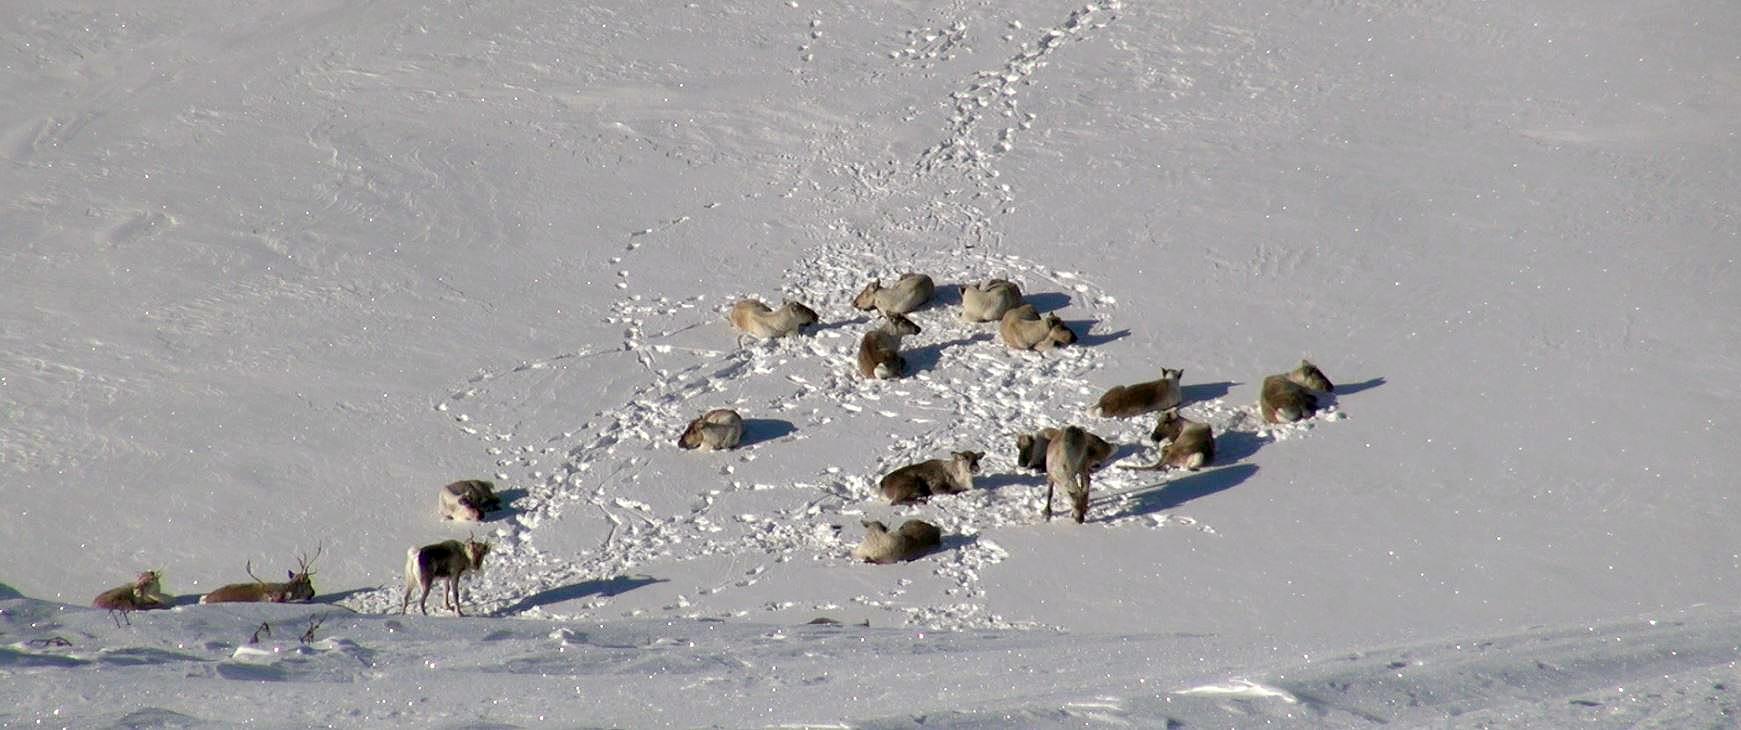 Villreinen hviler mye vinterstid, men pelsen isolerer godt. Foto: Anders Mossing